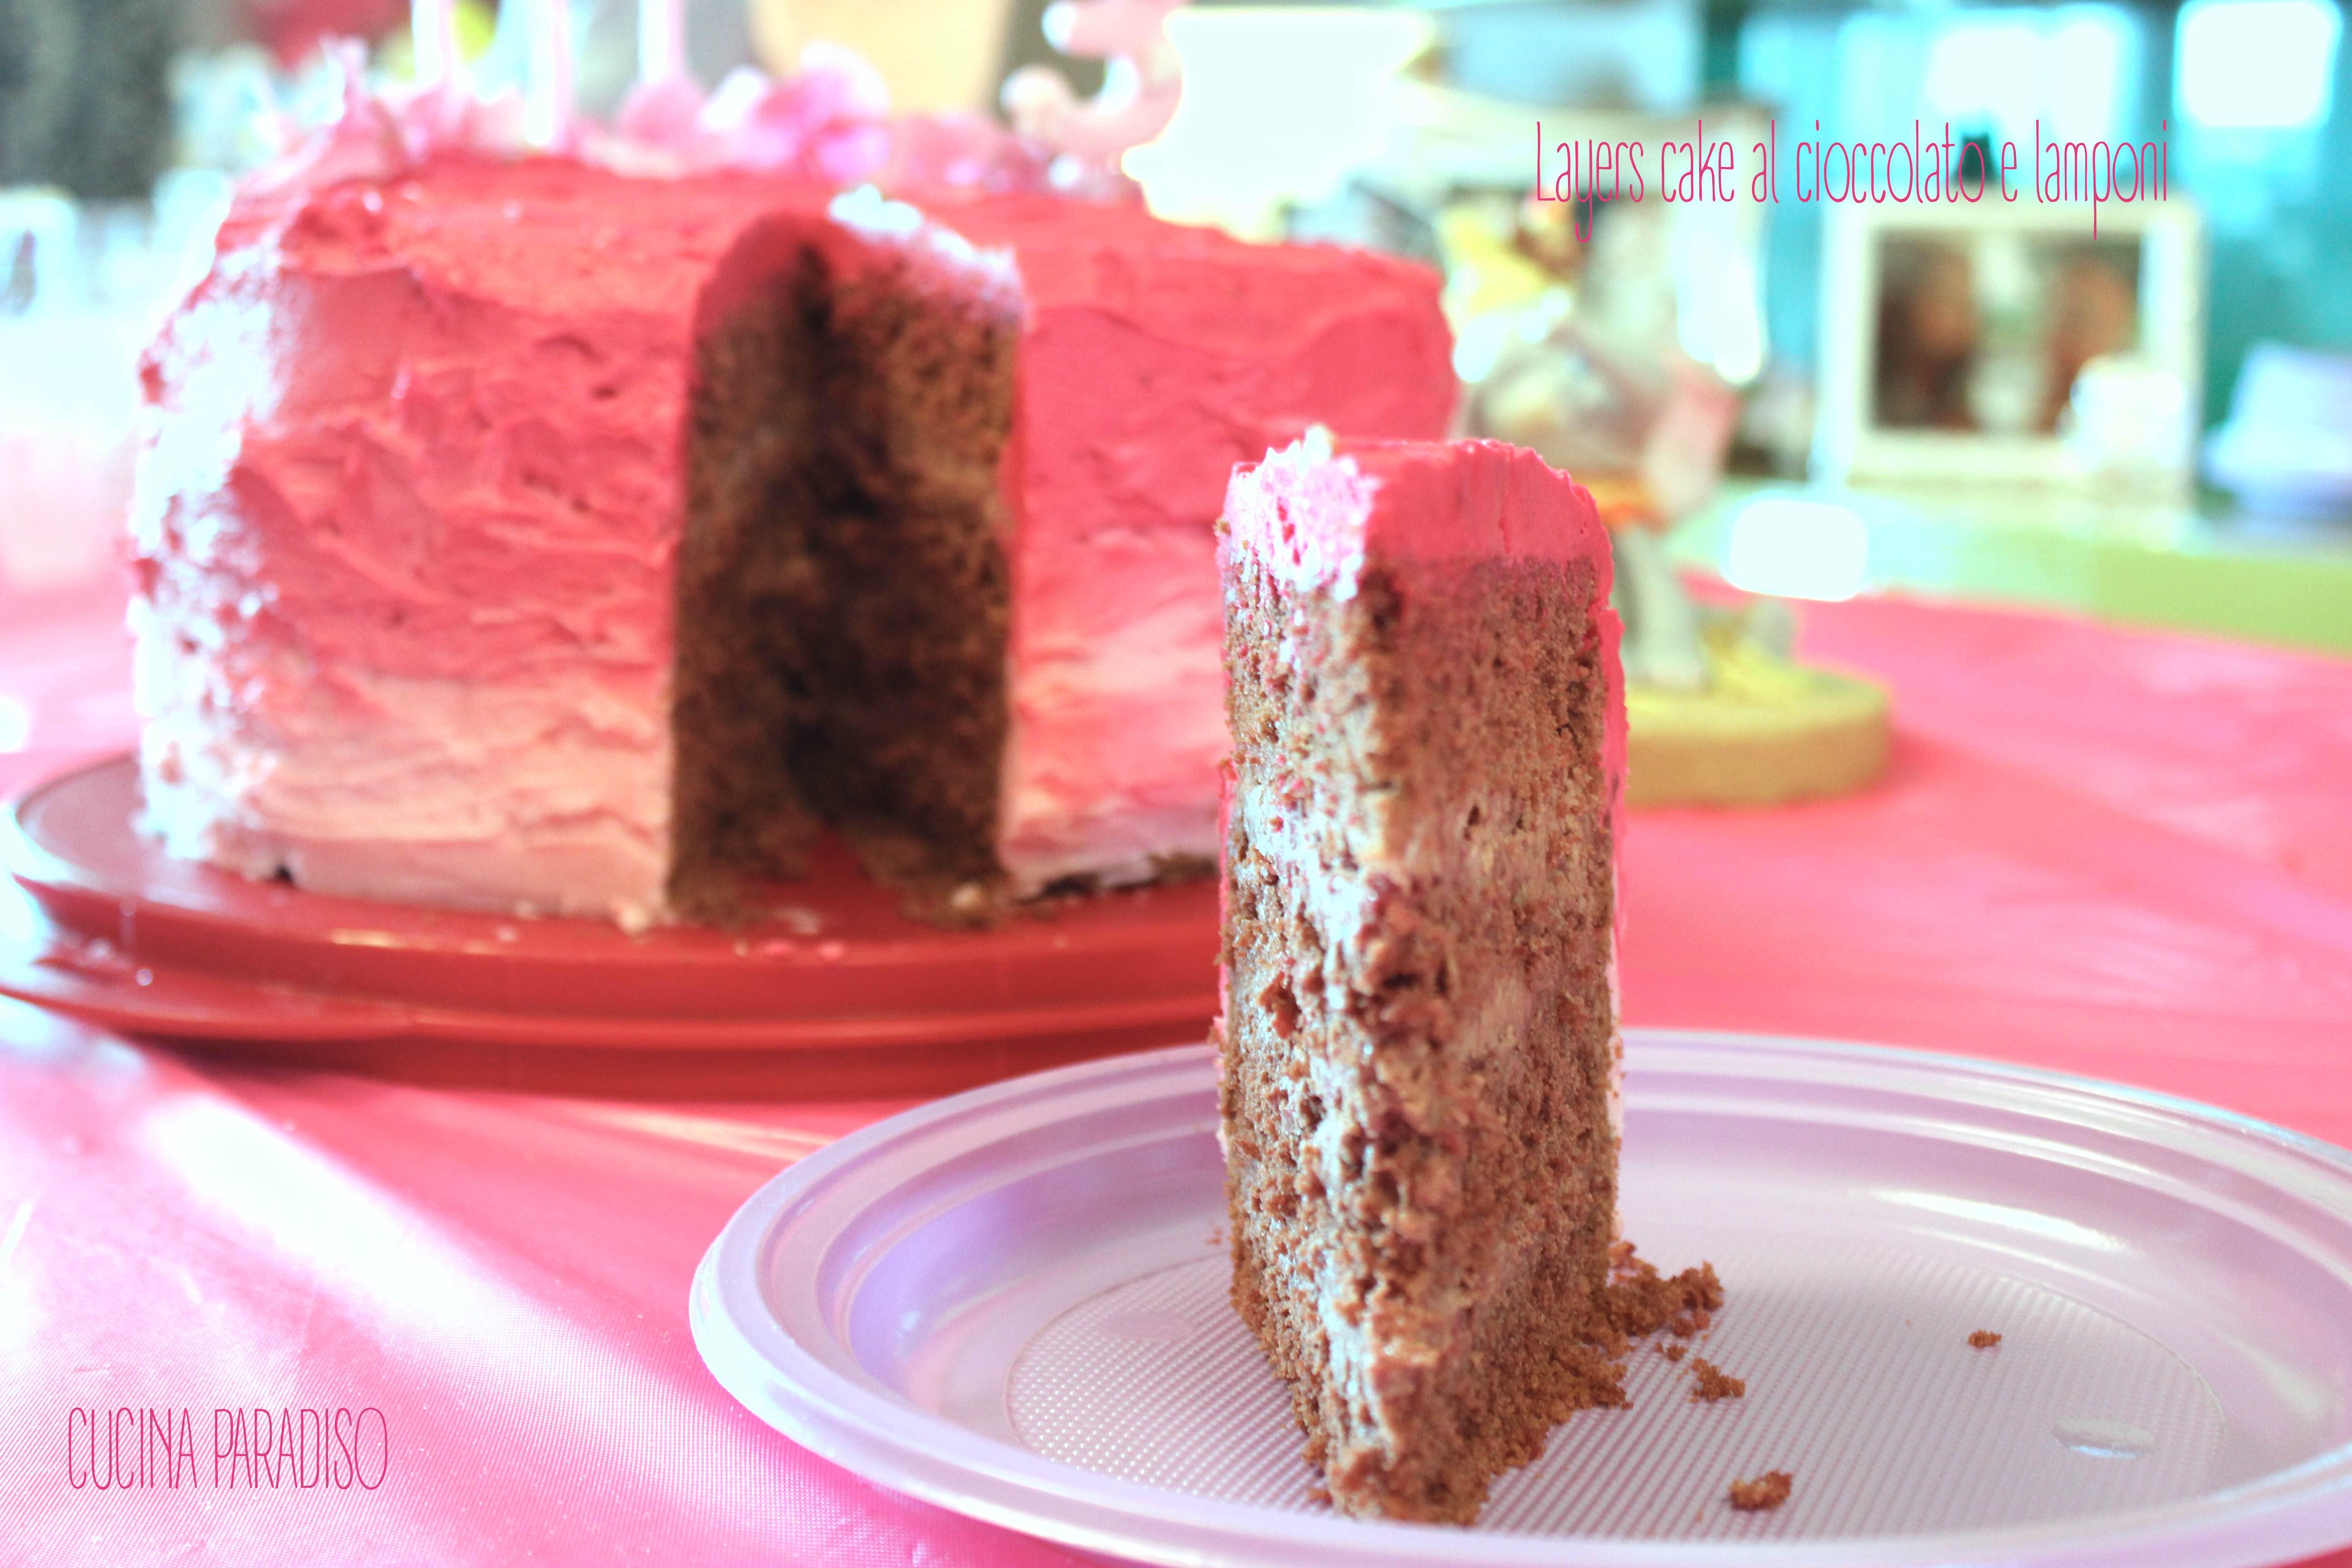 Layers cake al cioccolato e lamponi9